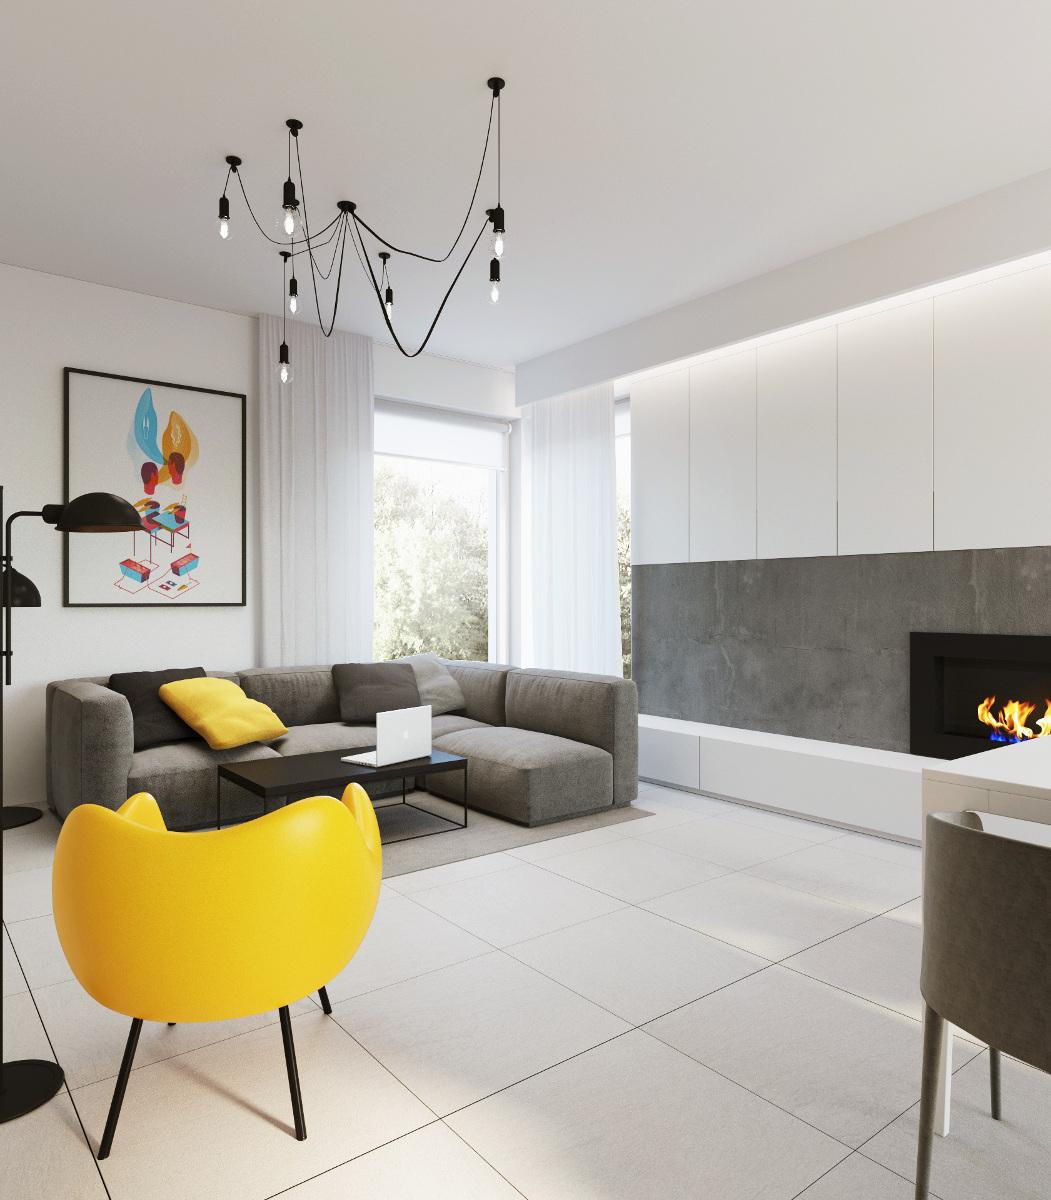 Fotel RM 58 wg. projektu Romana Modzelewskiego w żółtym wybarwieniu wzbogaca swoją formą i kolorem wnętrze